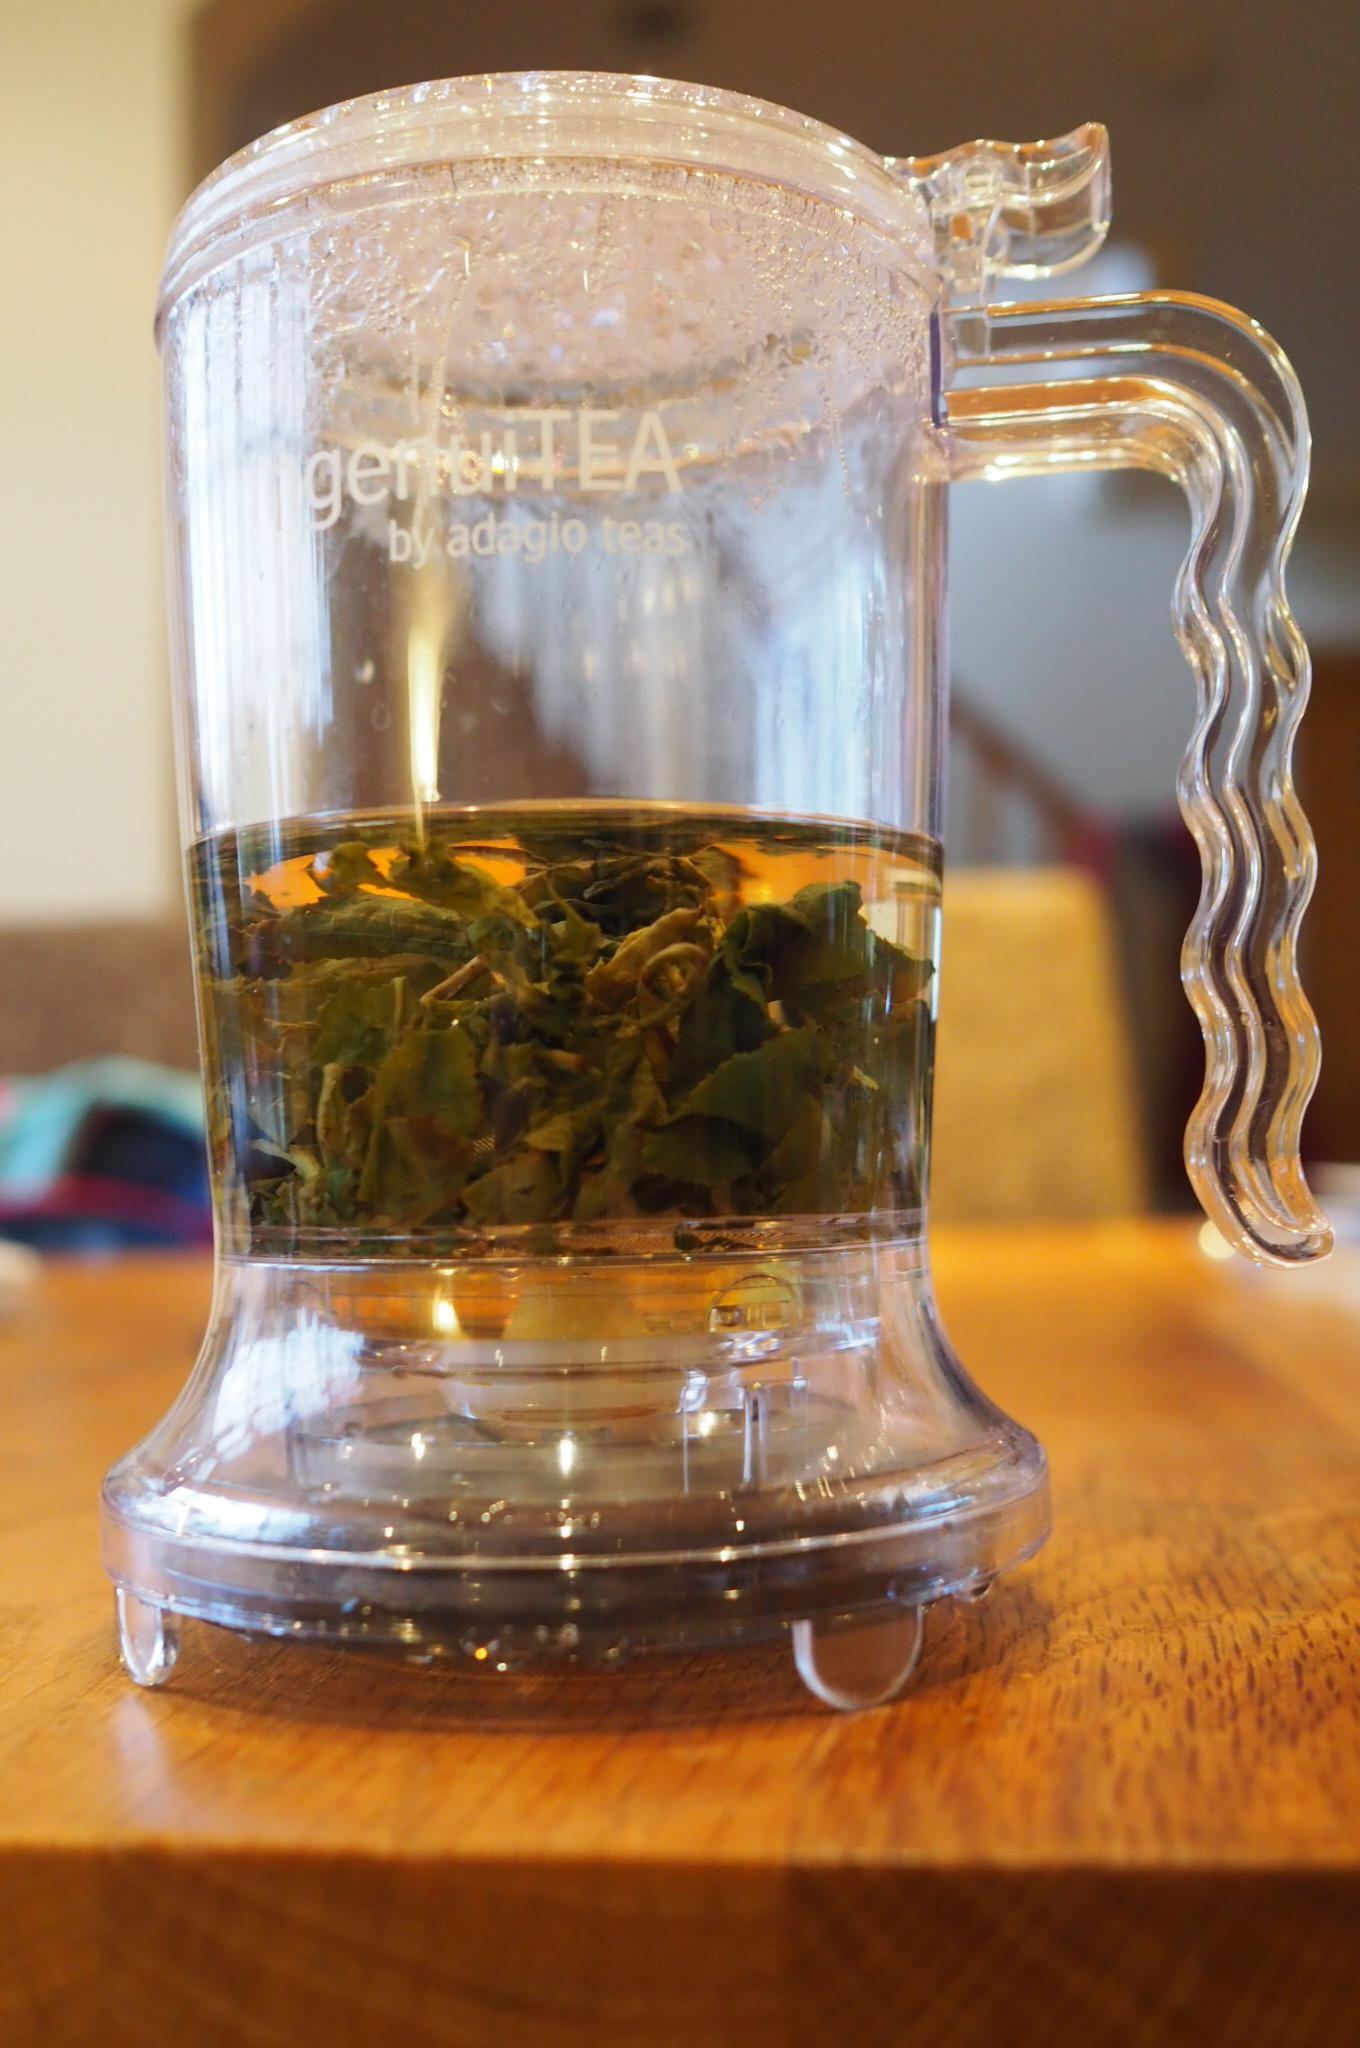 tea infusing in adagio tea maker